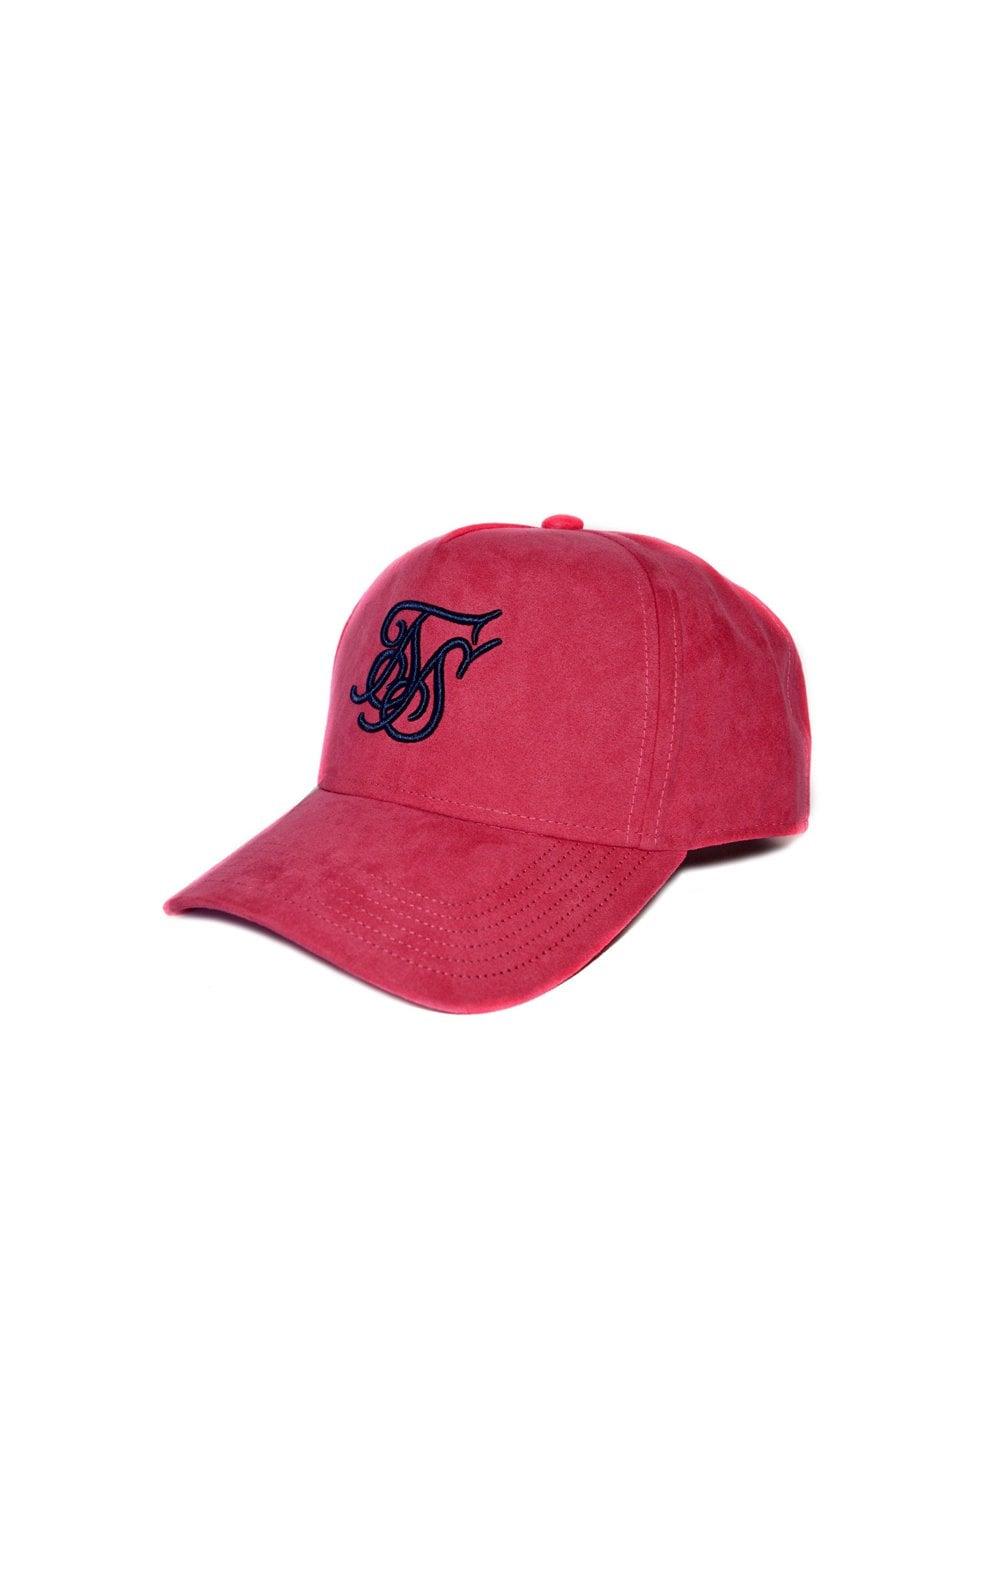 SikSilk Suede Trucker - Pink